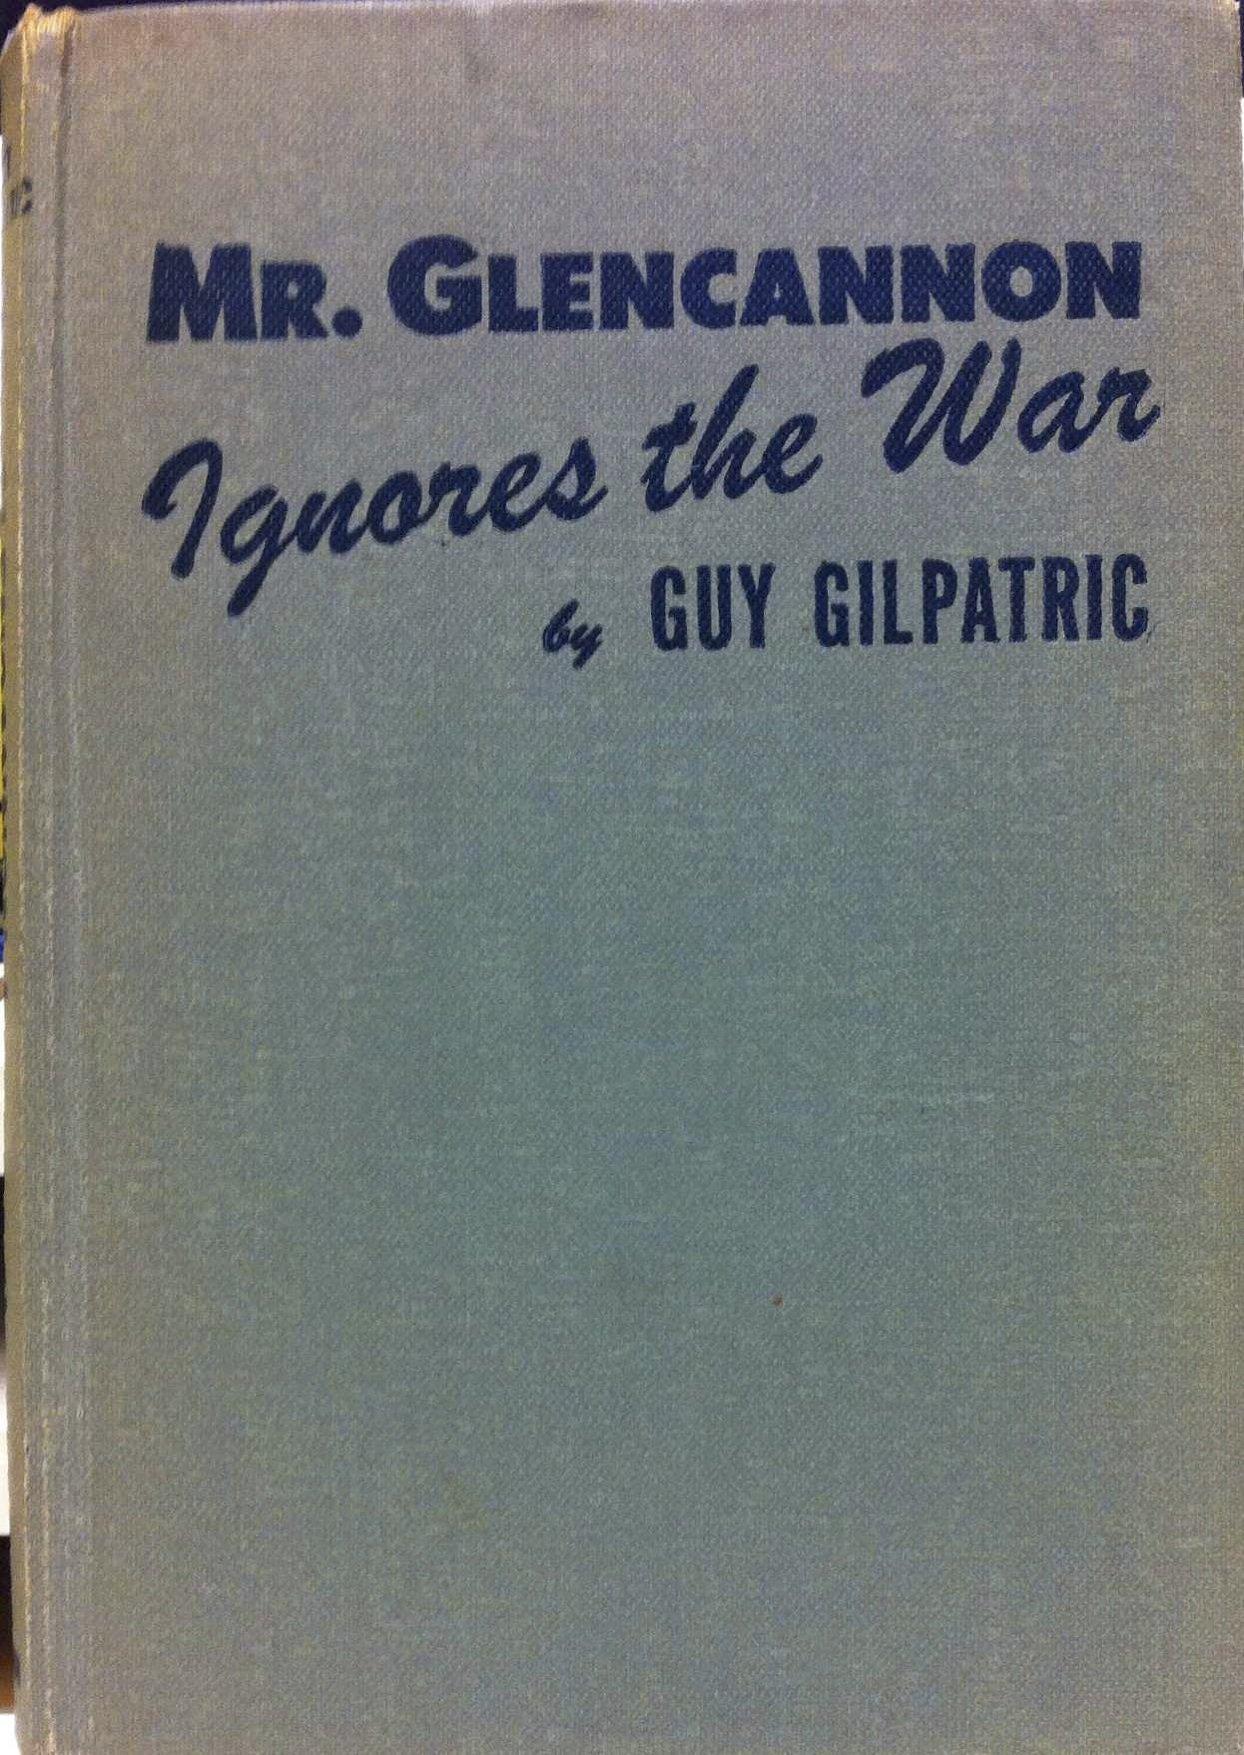 Mr. Glencannon Ignores the War pdf